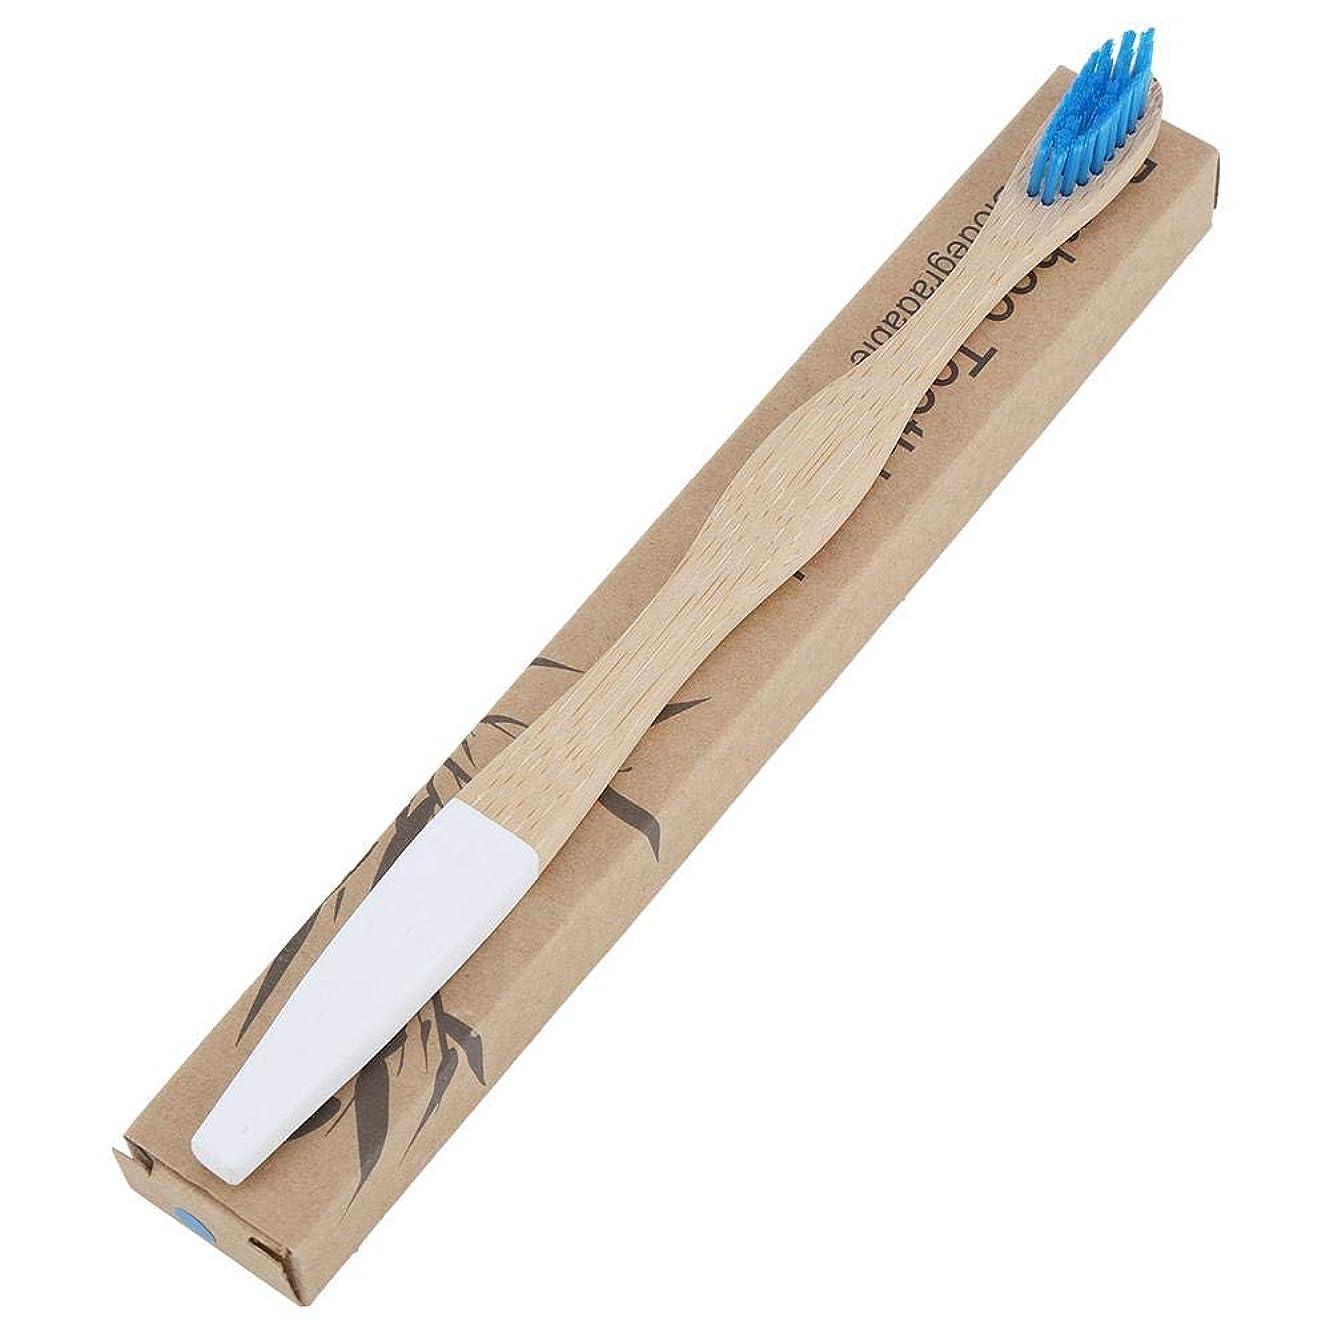 蓄積するする必要があるスワップ口の健康 贅沢ケア 柔らかい歯ブラシ 歯ブラシ 歯周ケアハブラシ 超極細毛 コンパクトかため 竹ハンドル ブラシ 知覚過敏予防 大人用ハブラシ 2本 色は選べません(ブルー)